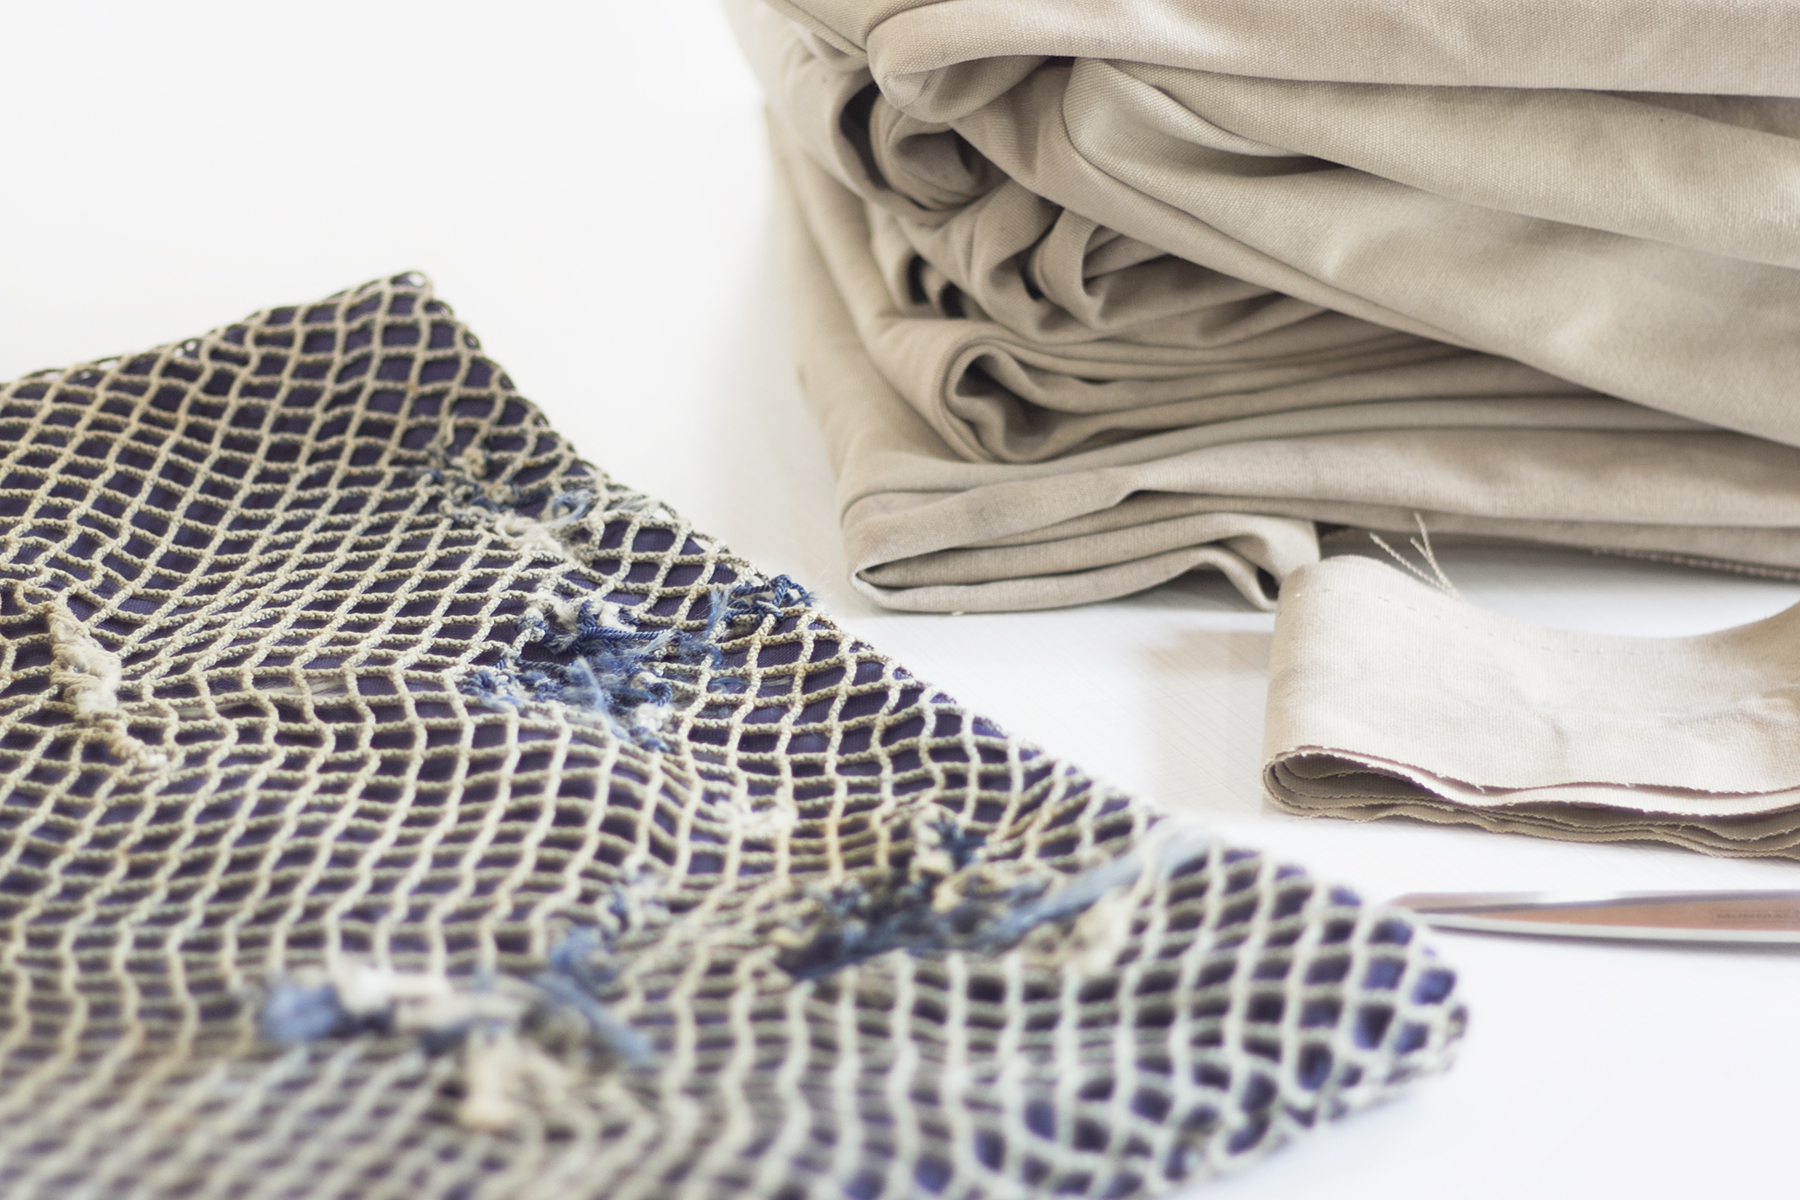 Marca slow fashion usa lonas e redes tirados do mar para criar coleção3